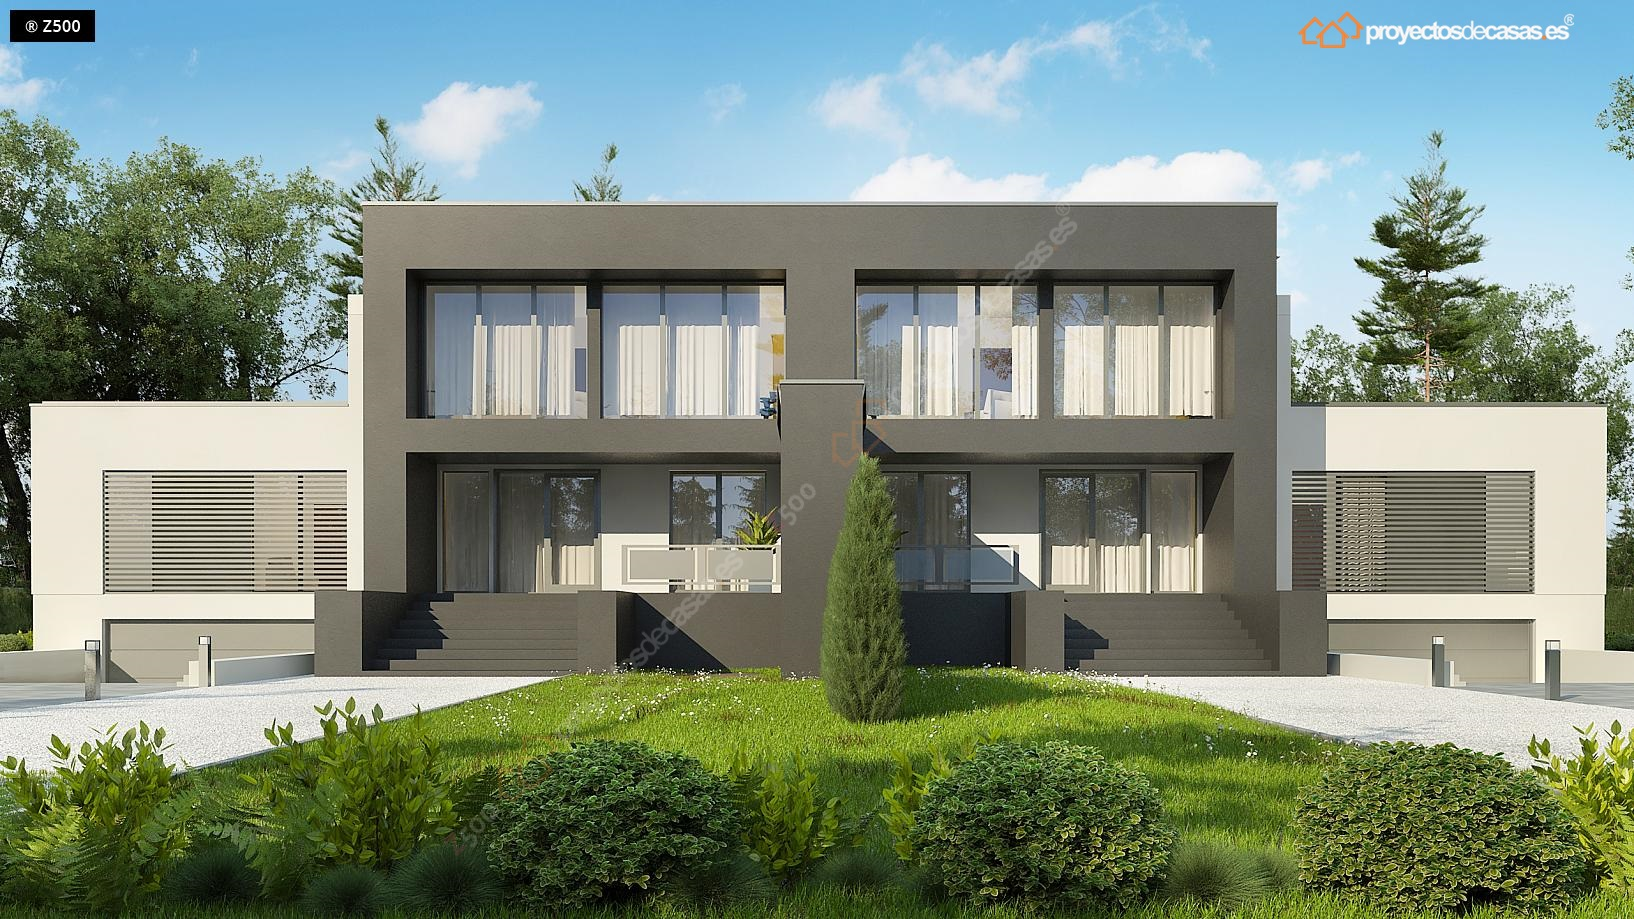 Proyectos de casas casa adosada moderna armunia for Casas modernas granada